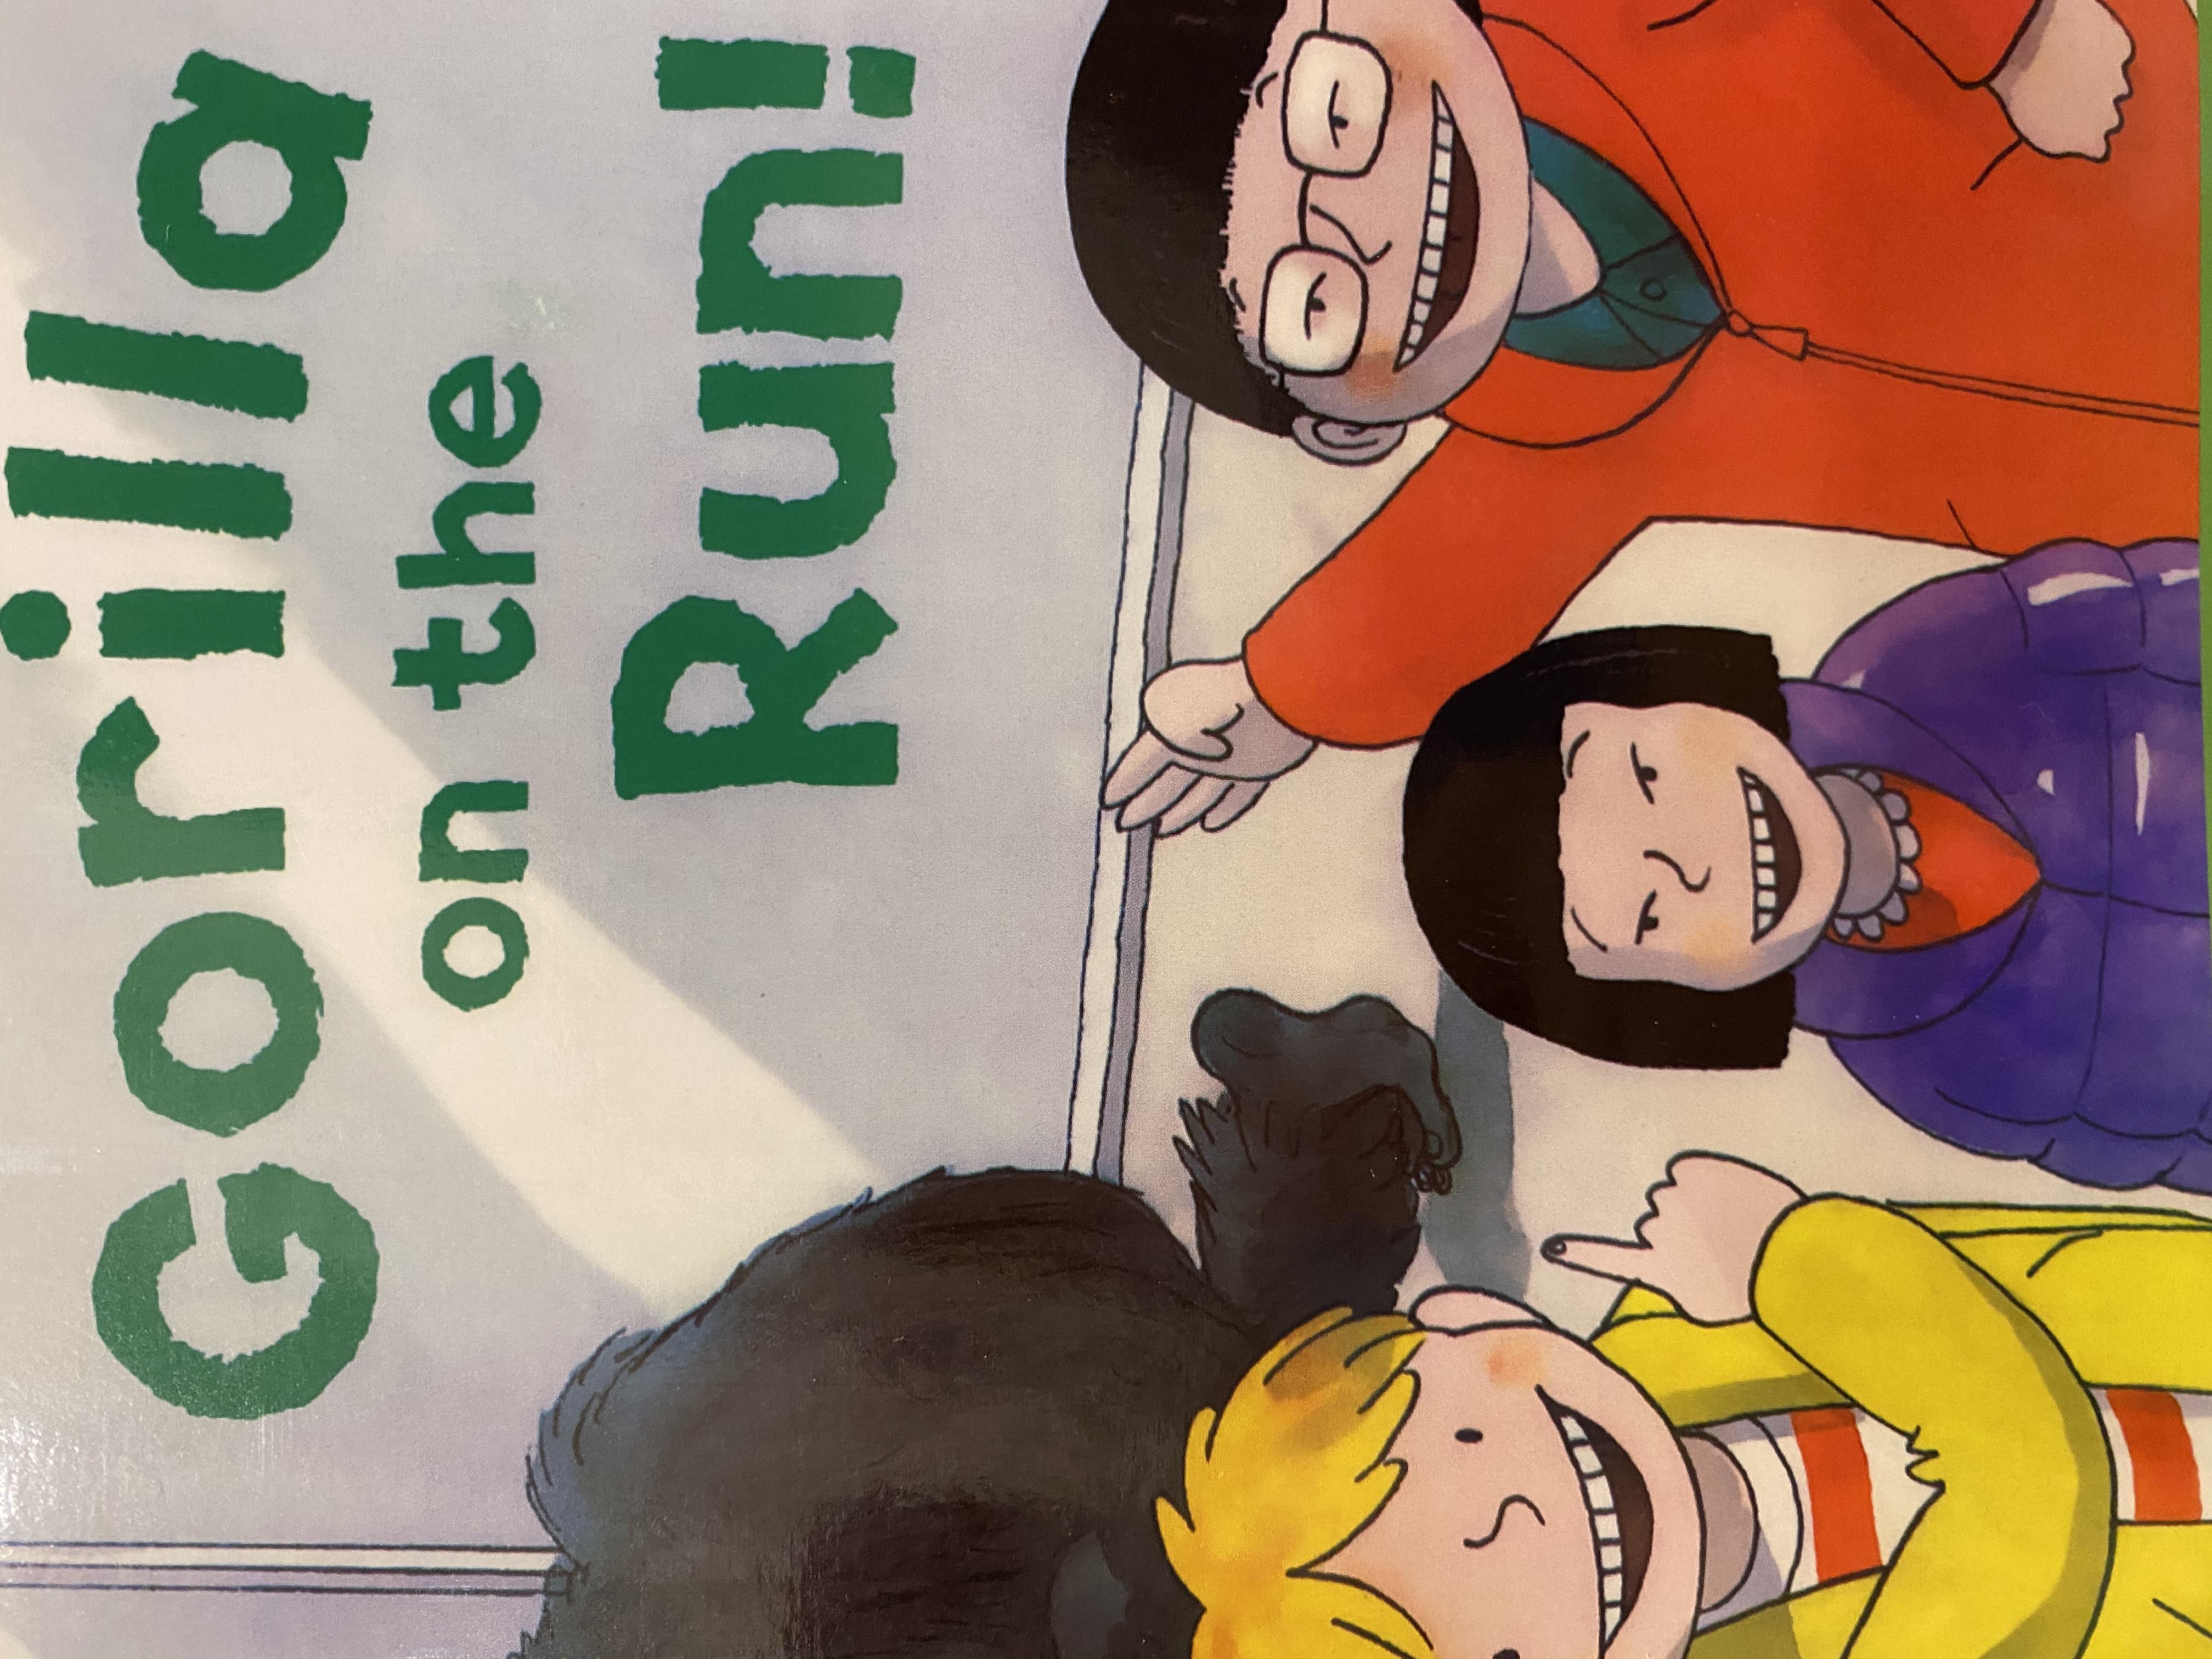 S2-018/ Gorilla on the run!/ Oxford reading tree